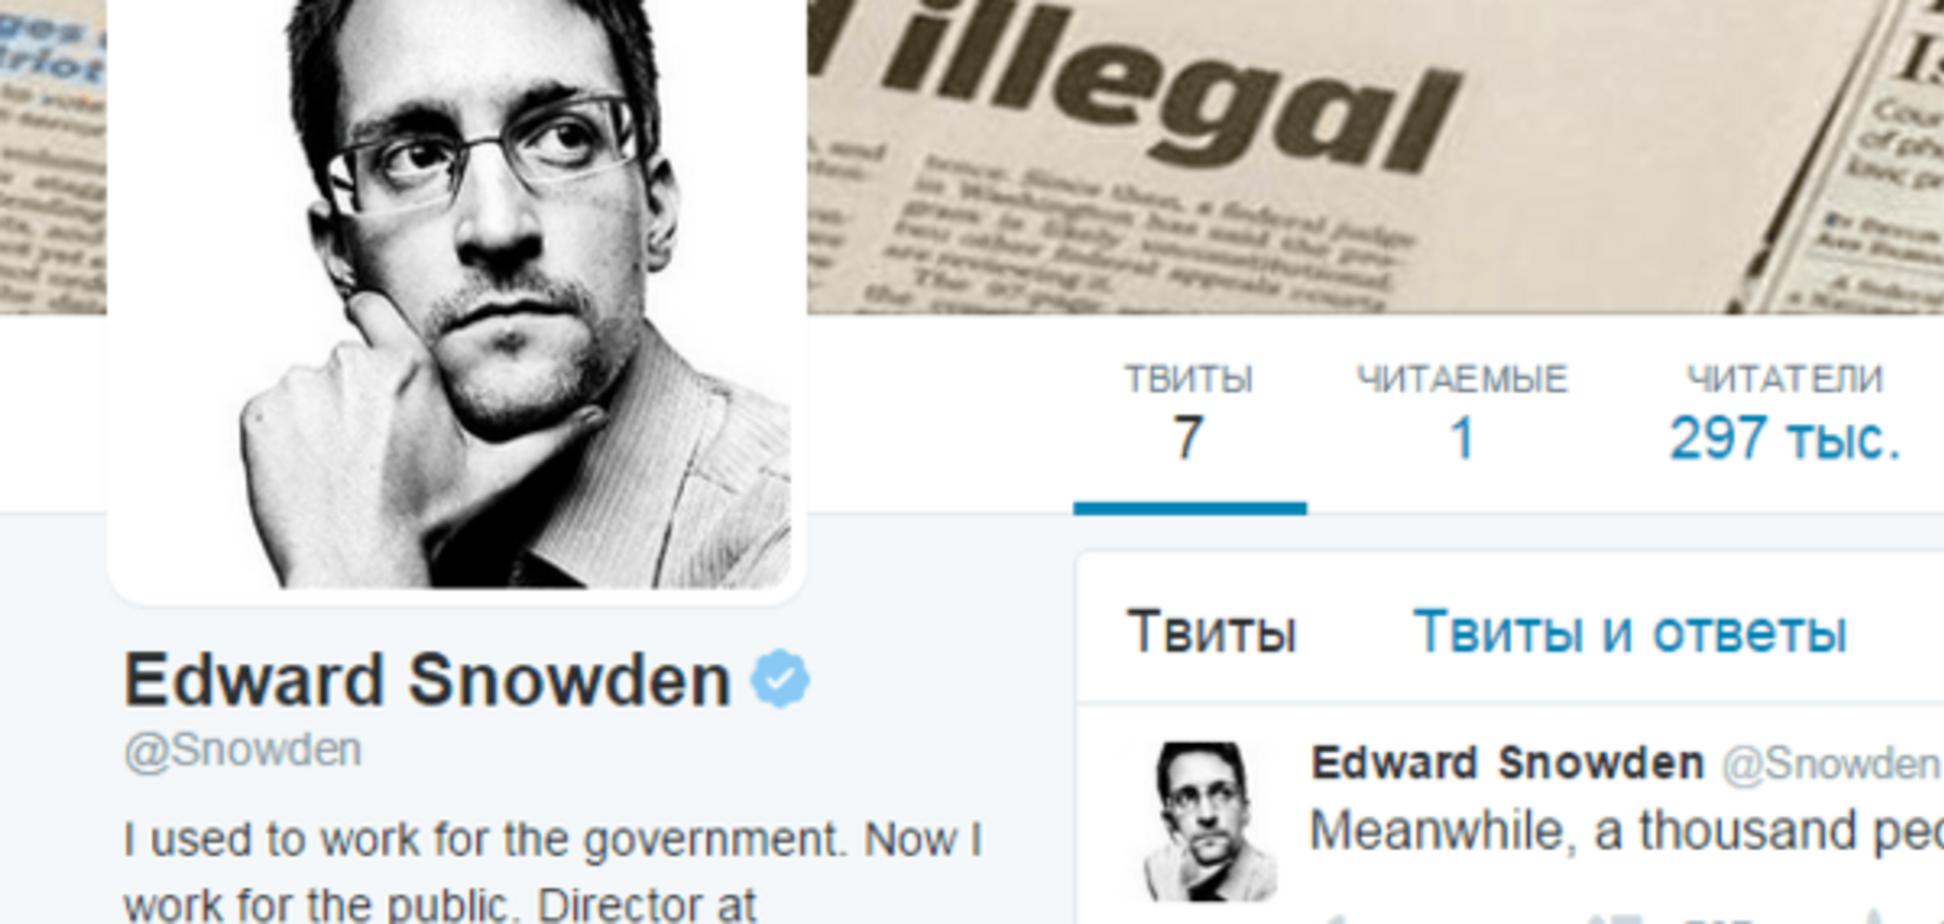 Сноуден завел аккаунт в Twitter и произвел фурор